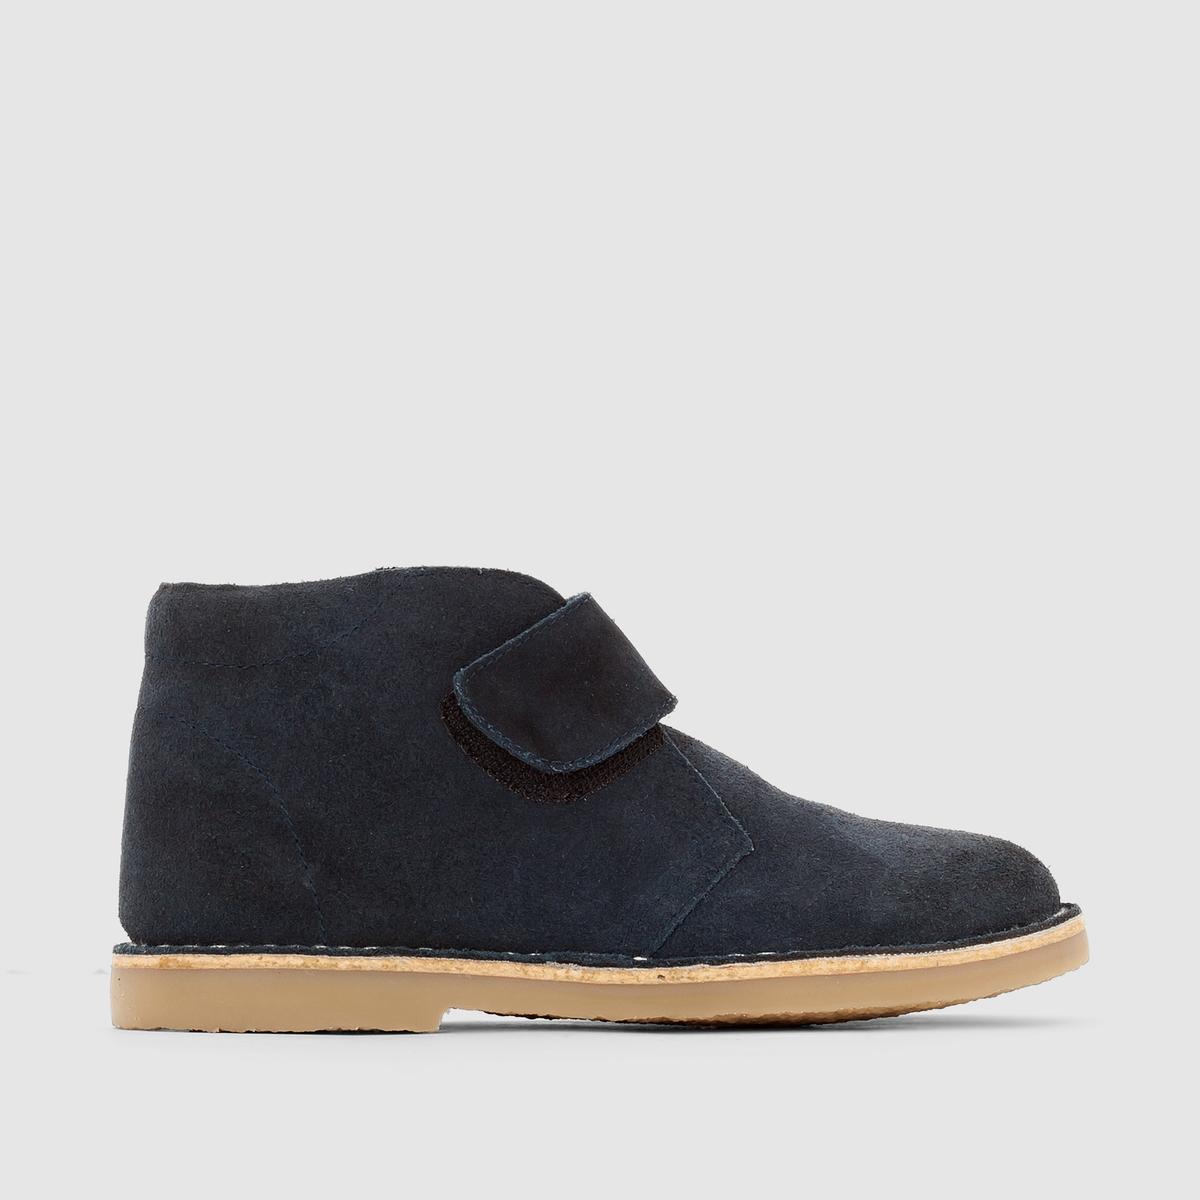 Ботинки кожаные с застежкой на планки-велкро кеды высокие с застежкой на планки велкро igor